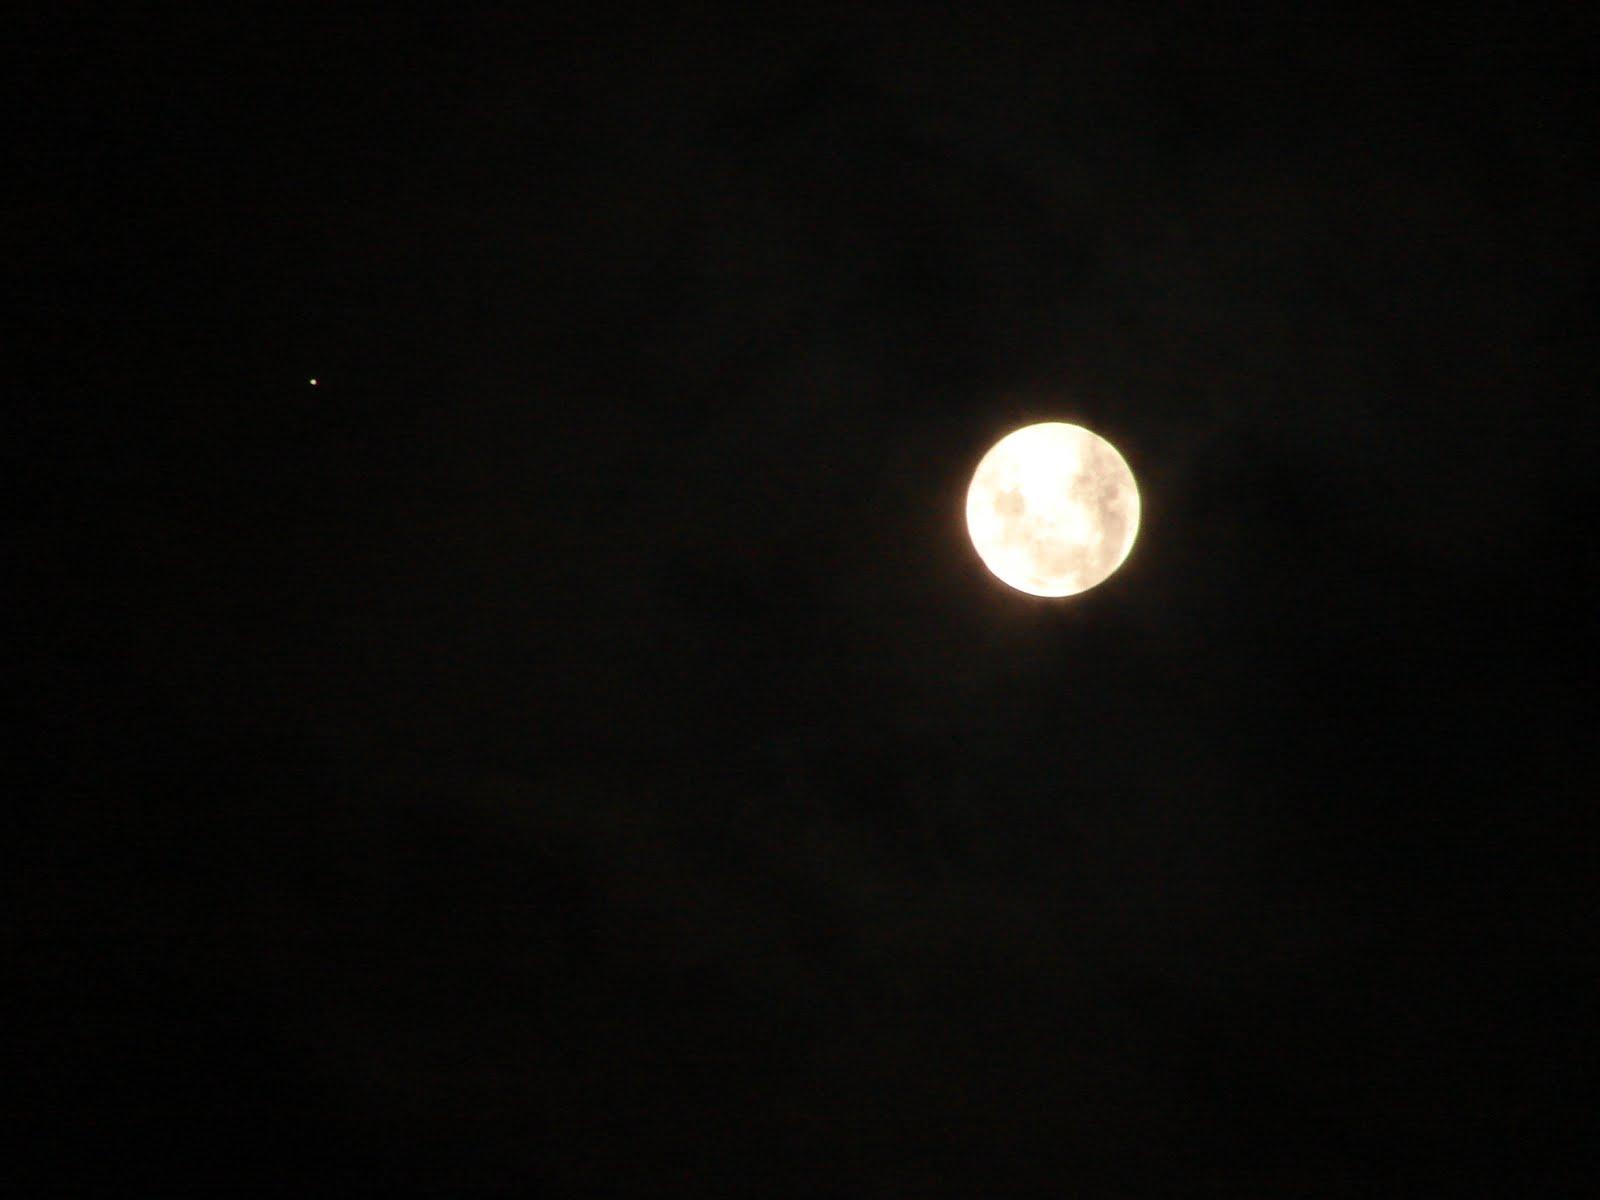 29-30-NOVIEMBRE-2012-La LUNA llena-ZAROS-145-alineada con Ovni,Eclipse lunar-lumbral-sec-UFO